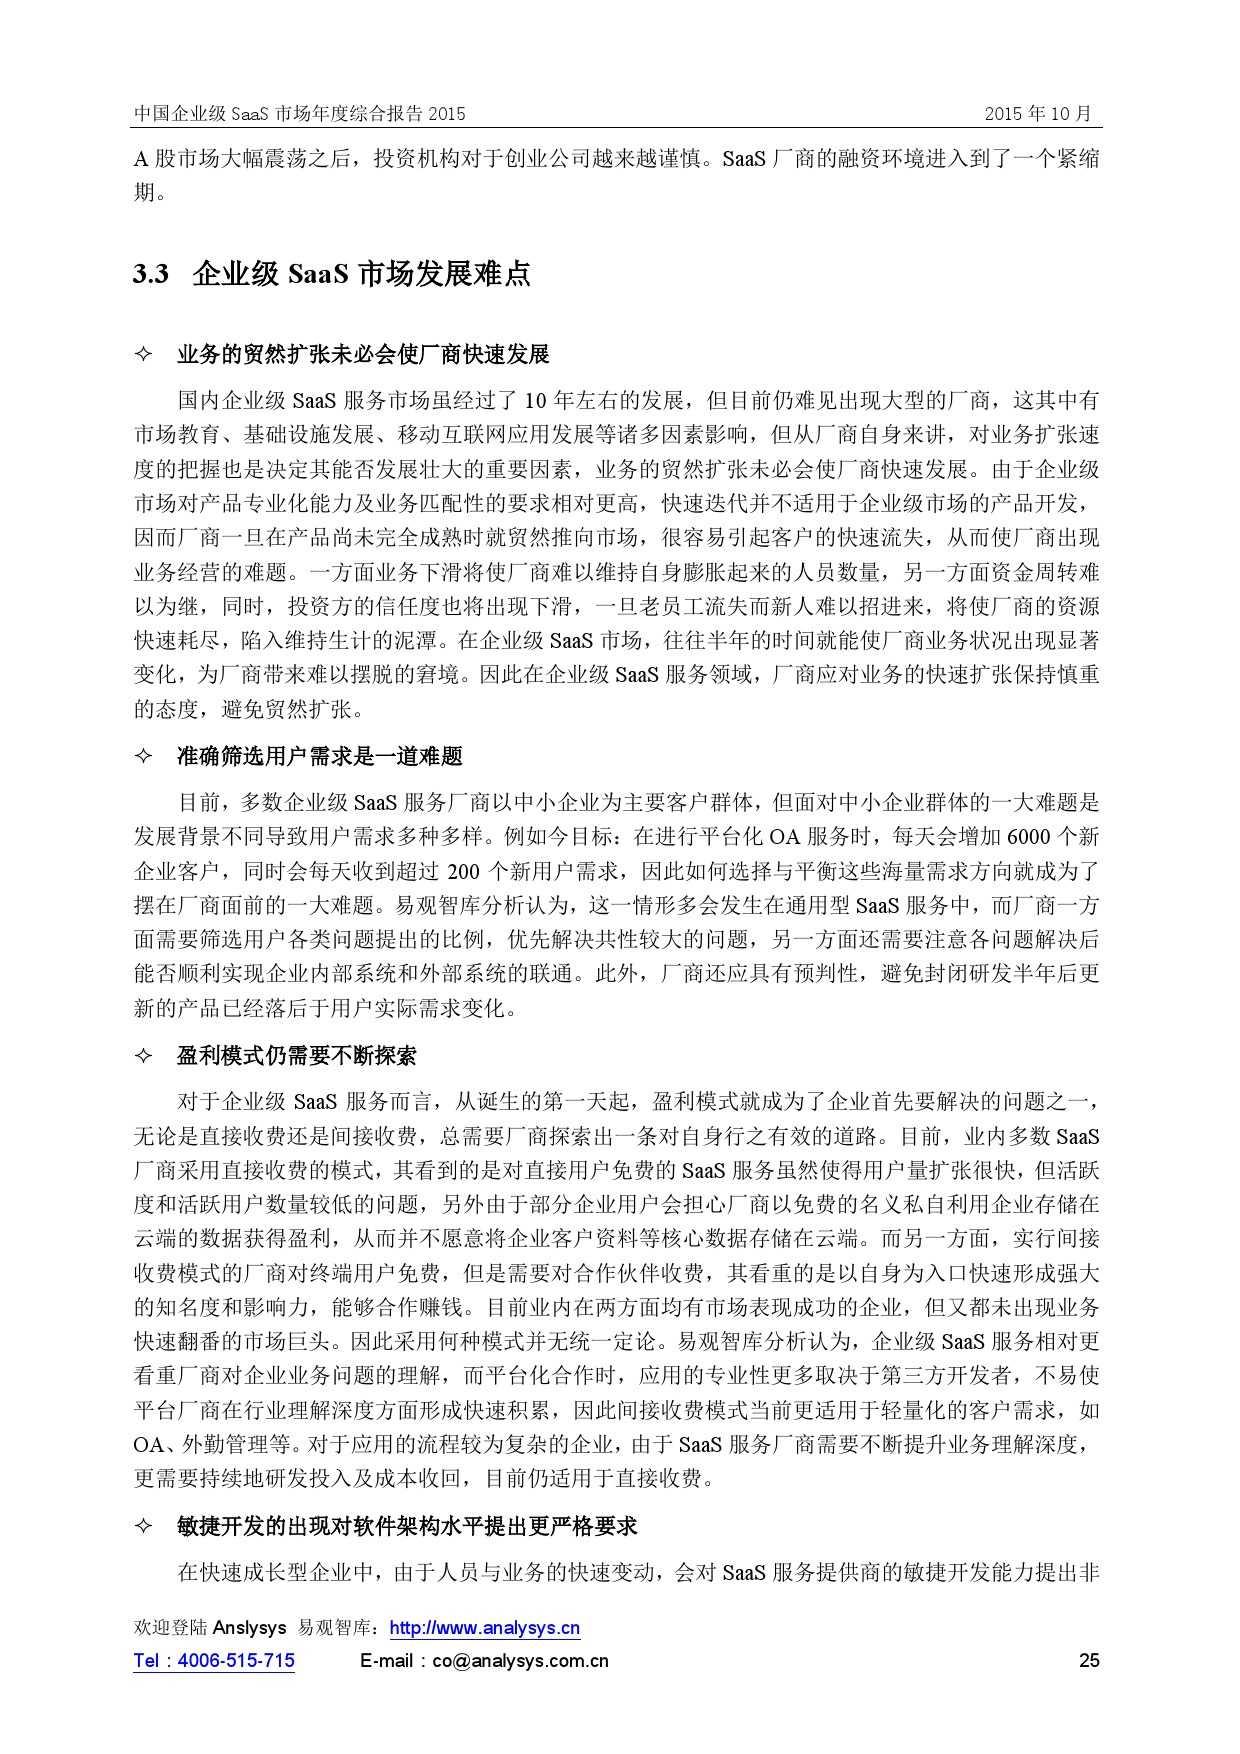 中国企业级SaaS市场年度综合报告2015 01_000025